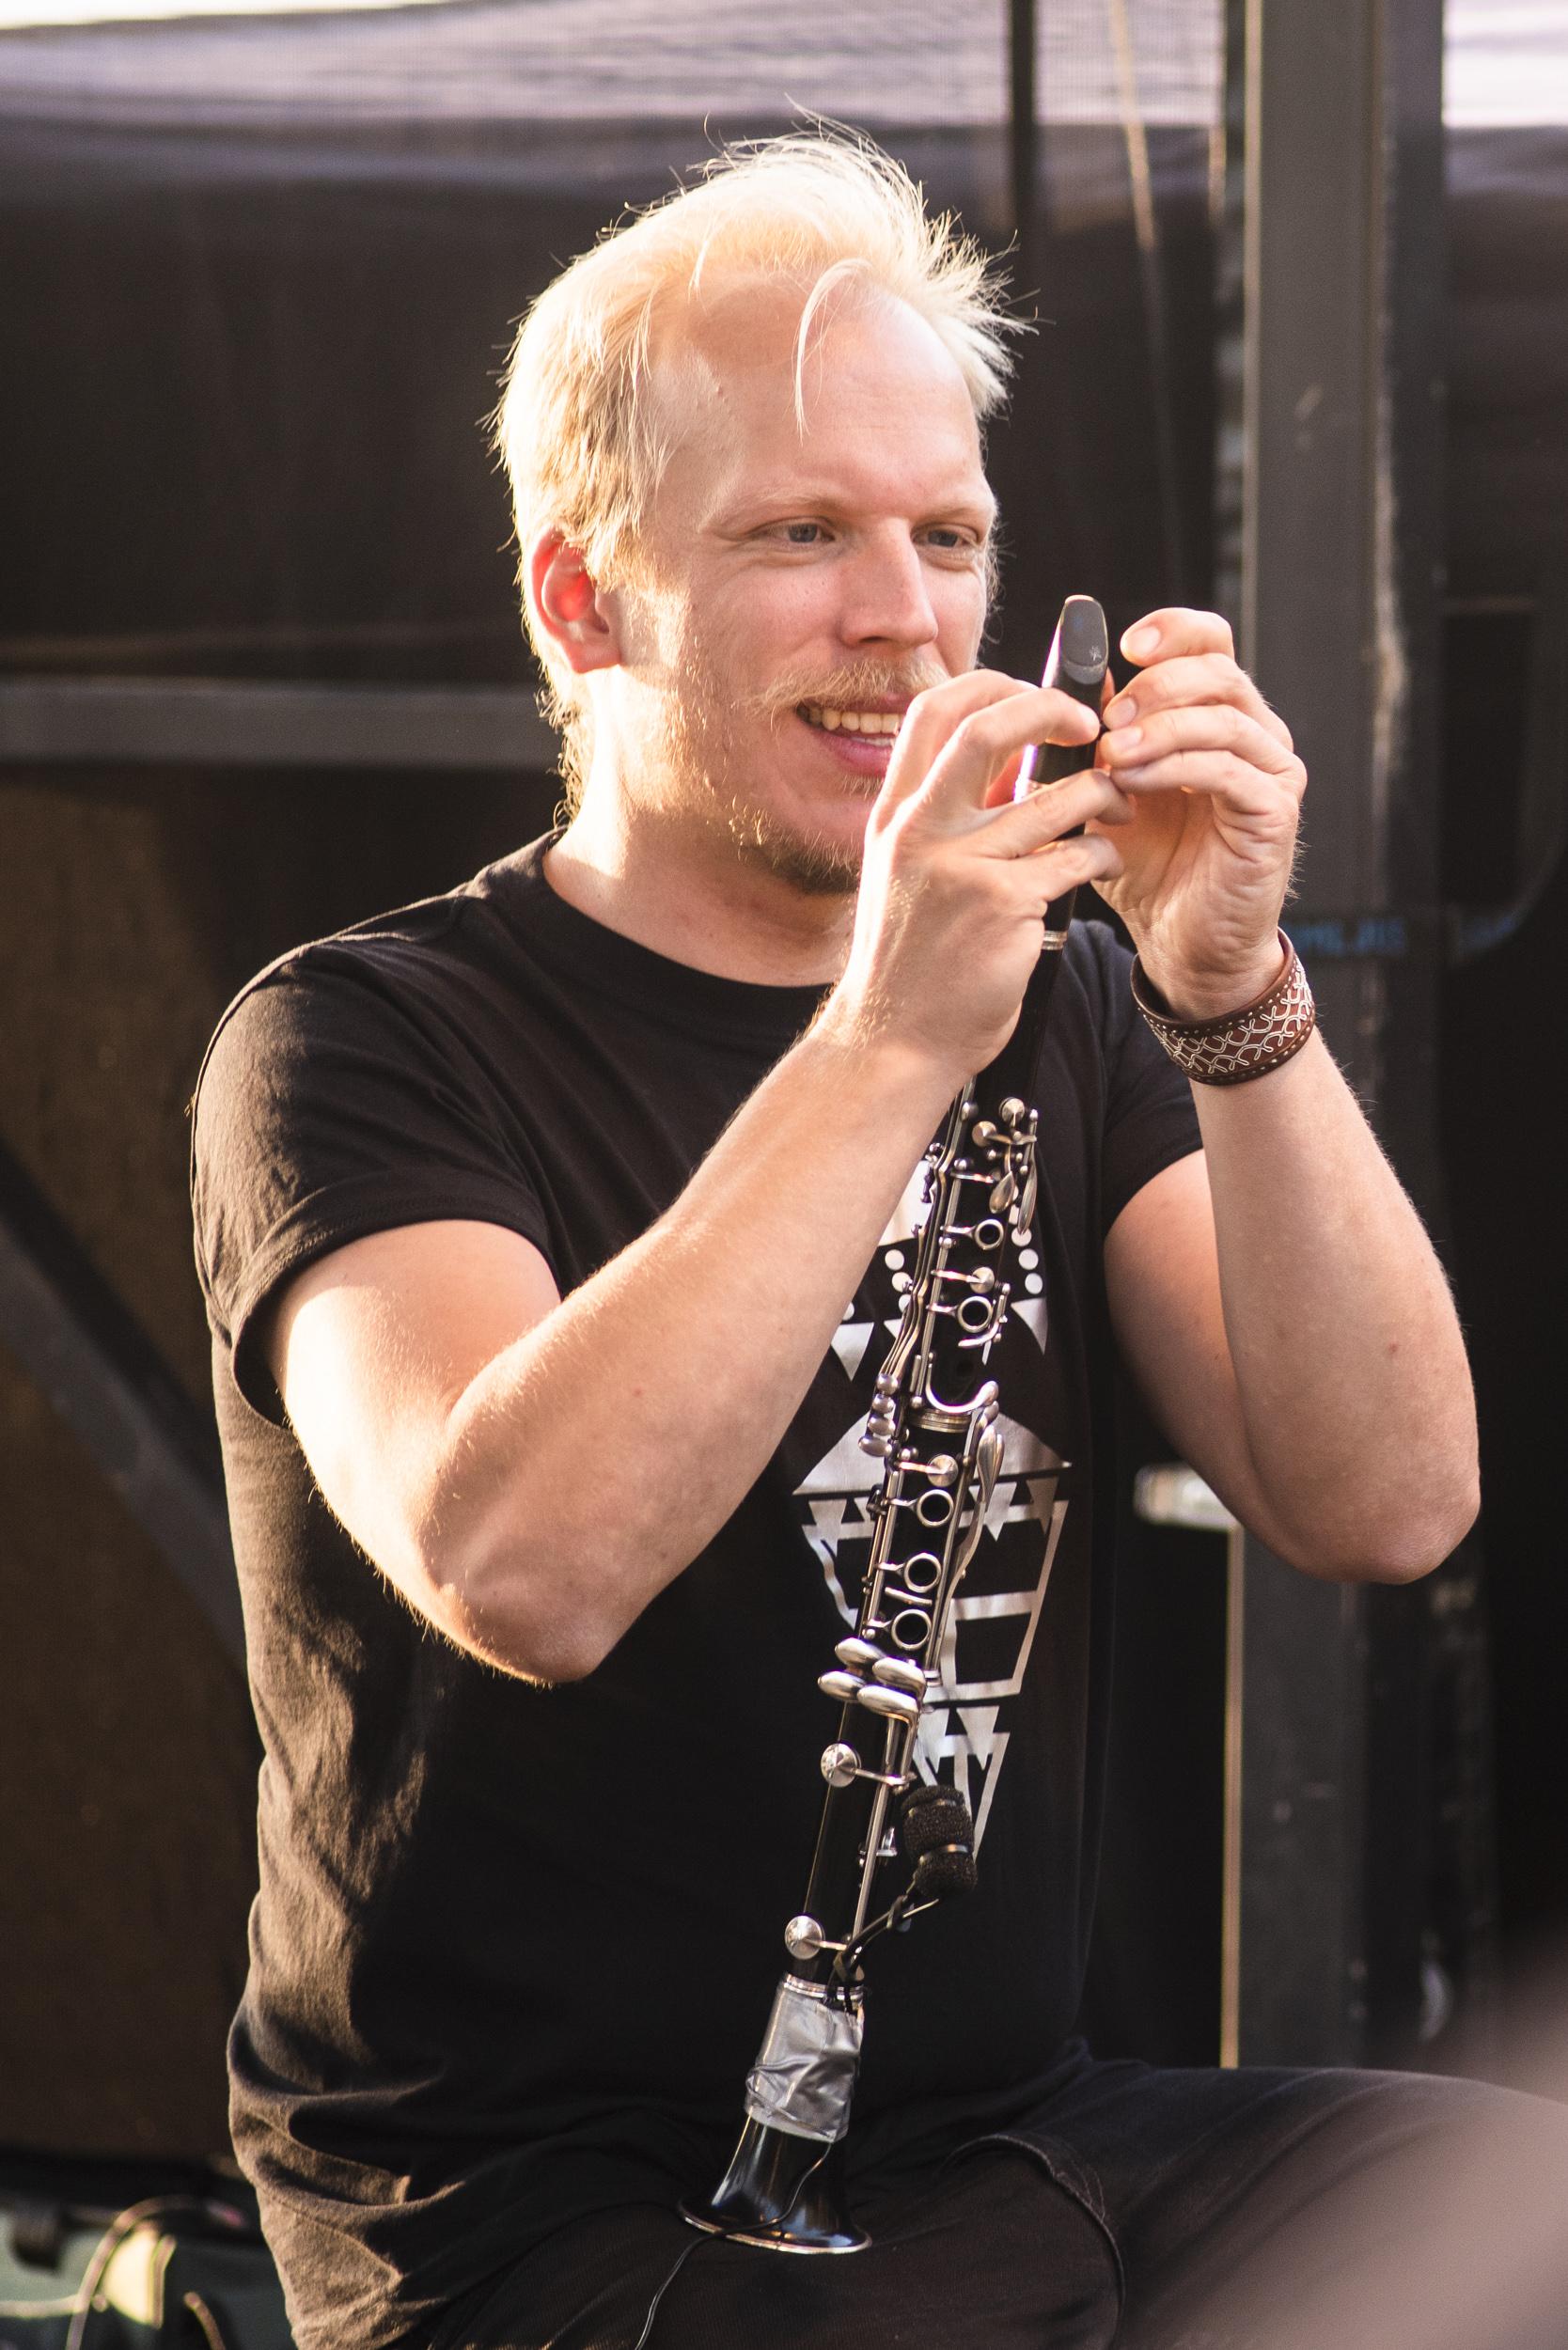 Justering av klarinetten, Nikolai Äystö Lindholm, Musikens Makt 2019.